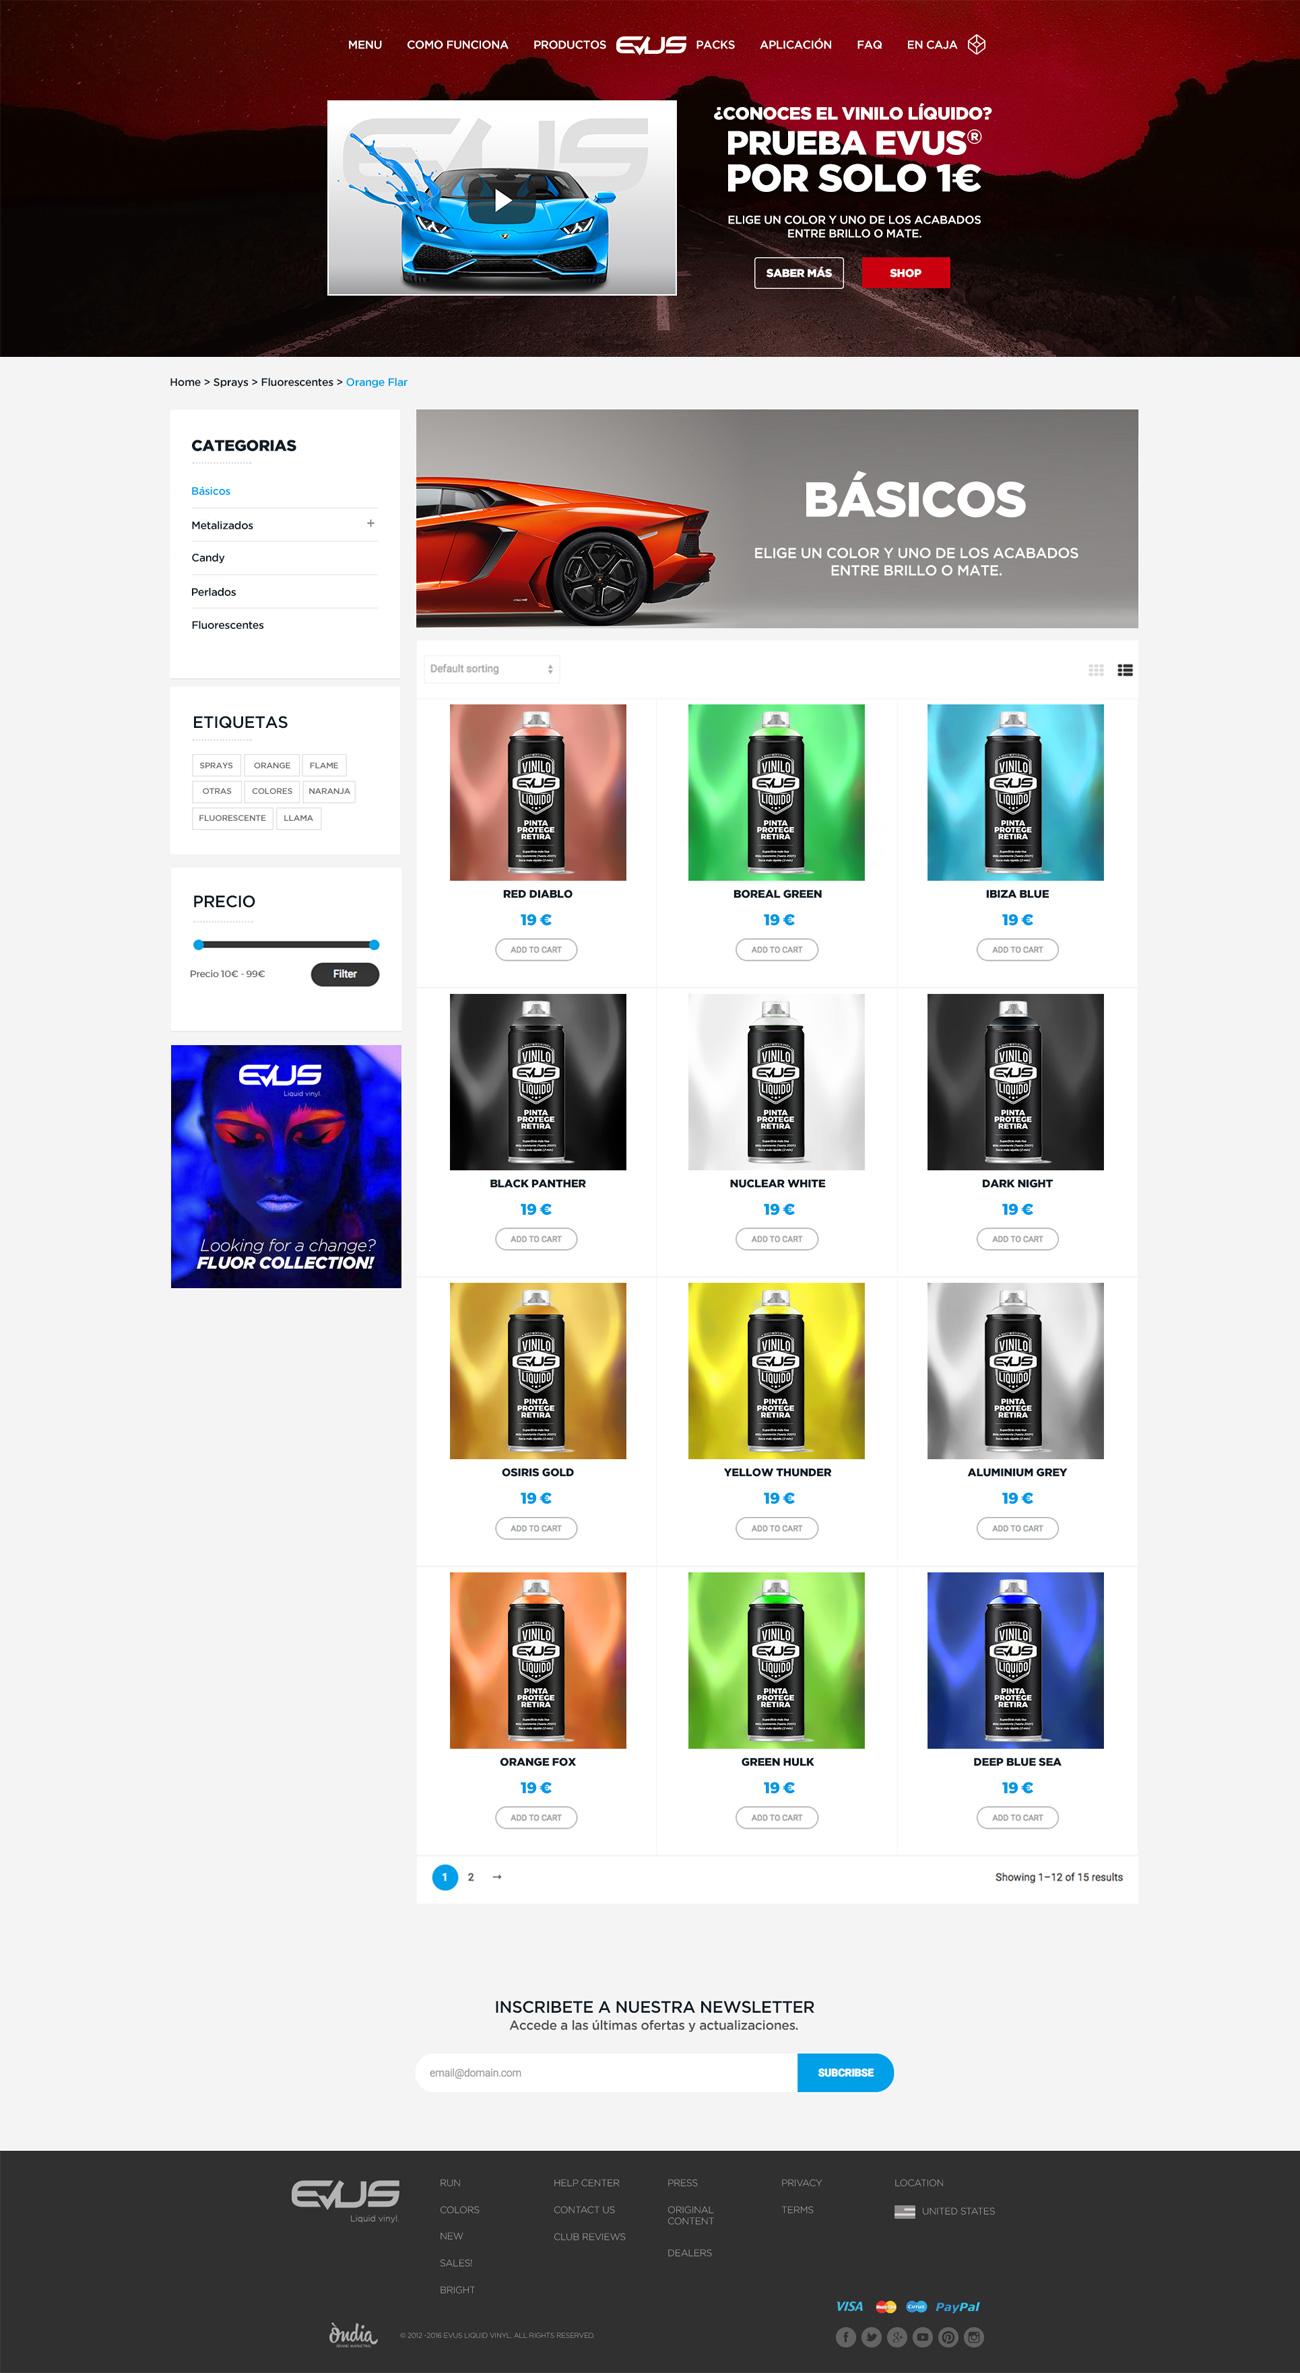 Vista general de una categoría de productos dentro de la web